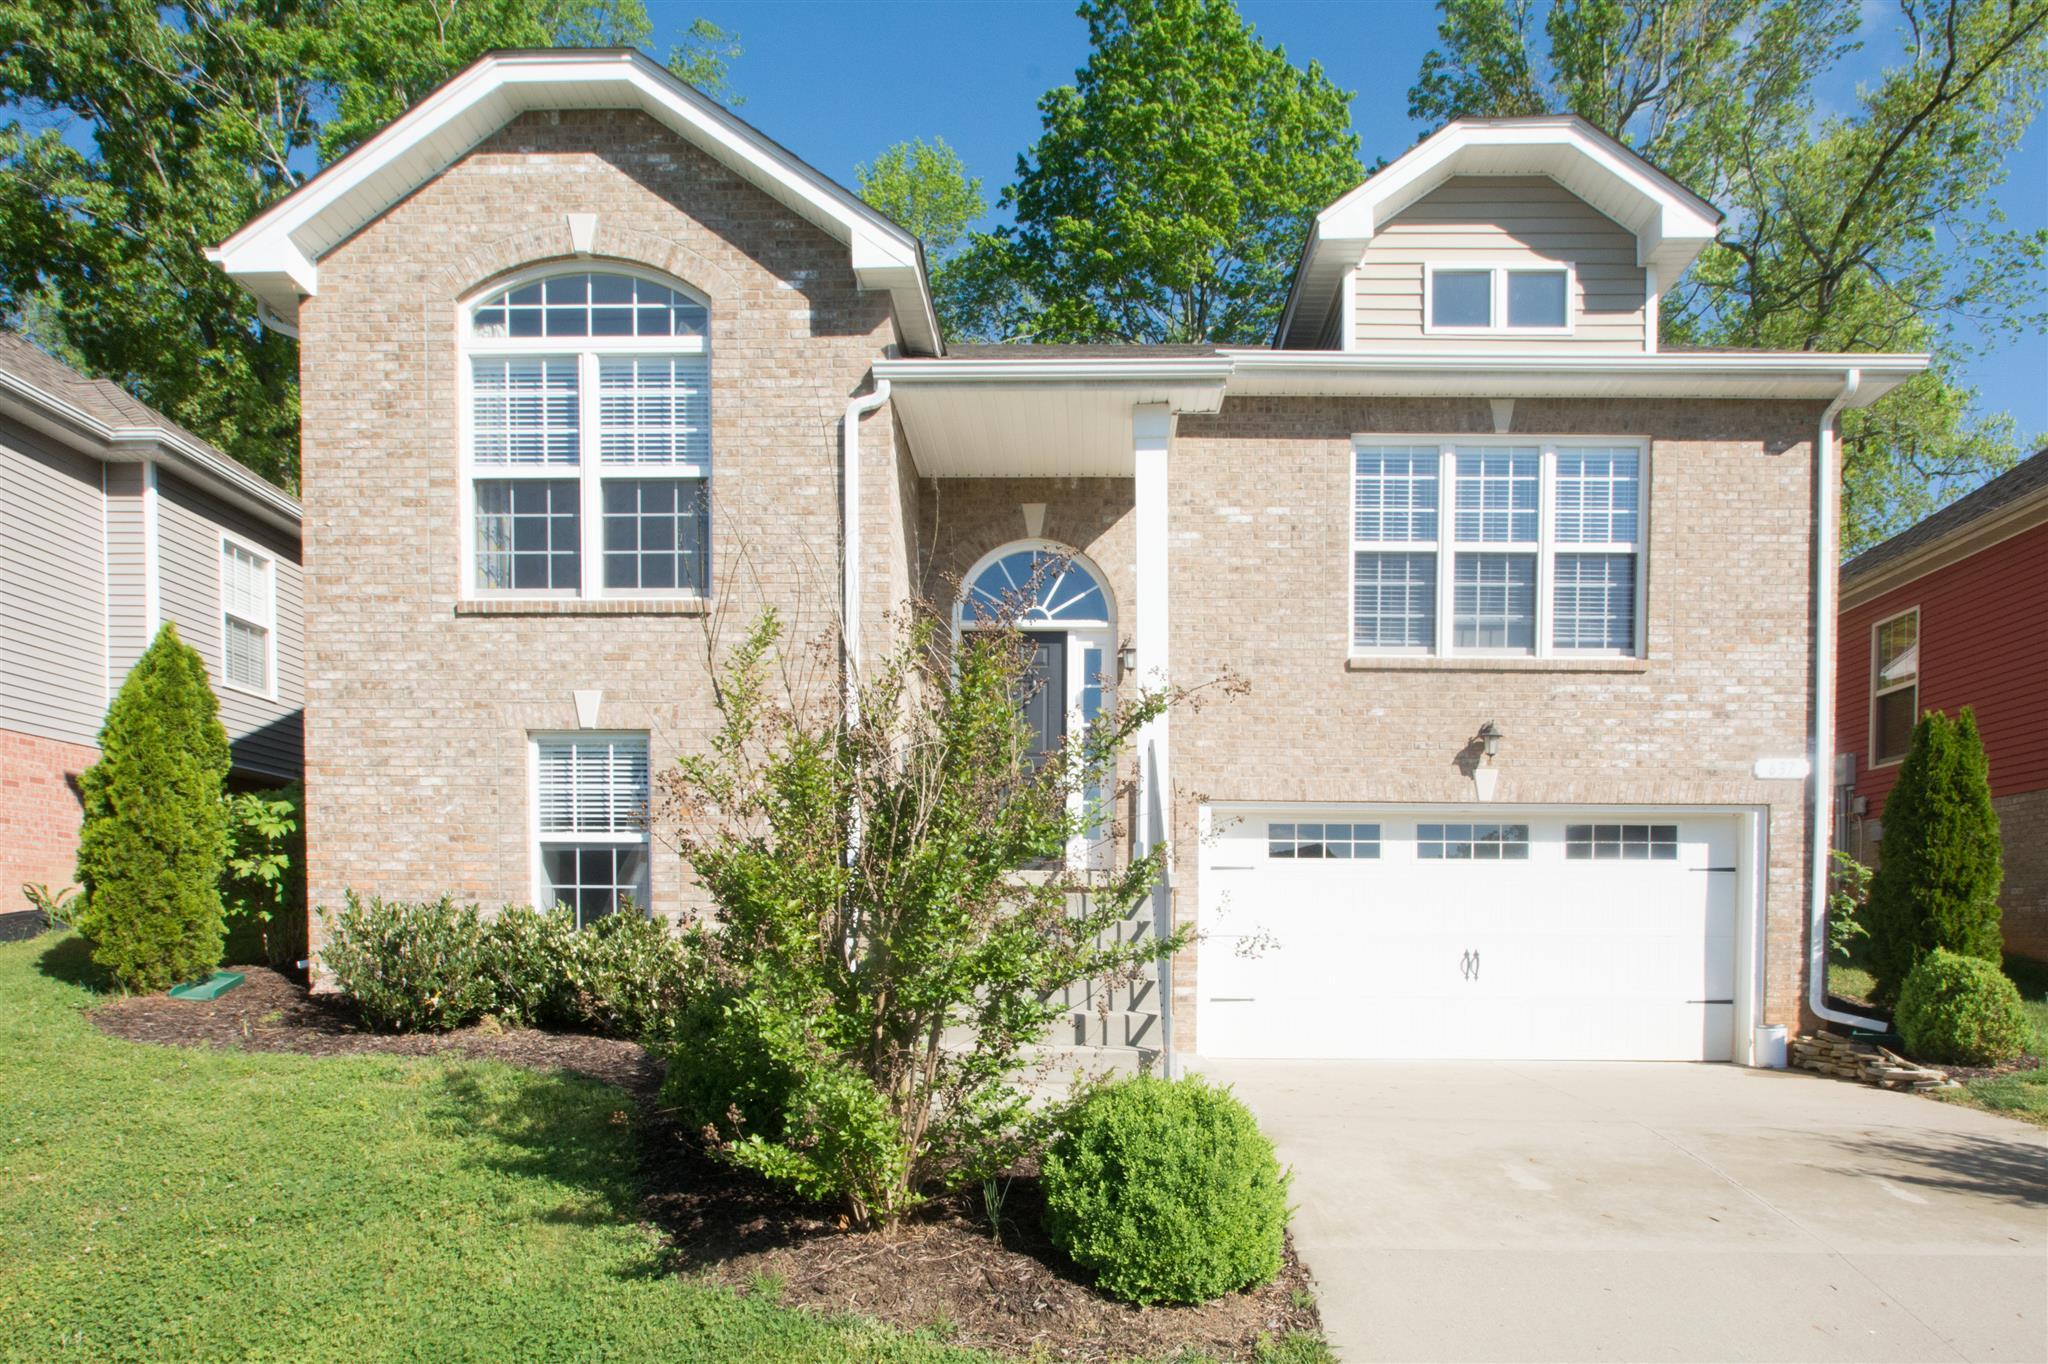 637 Hidden Valley Dr, Clarksville, TN 37040